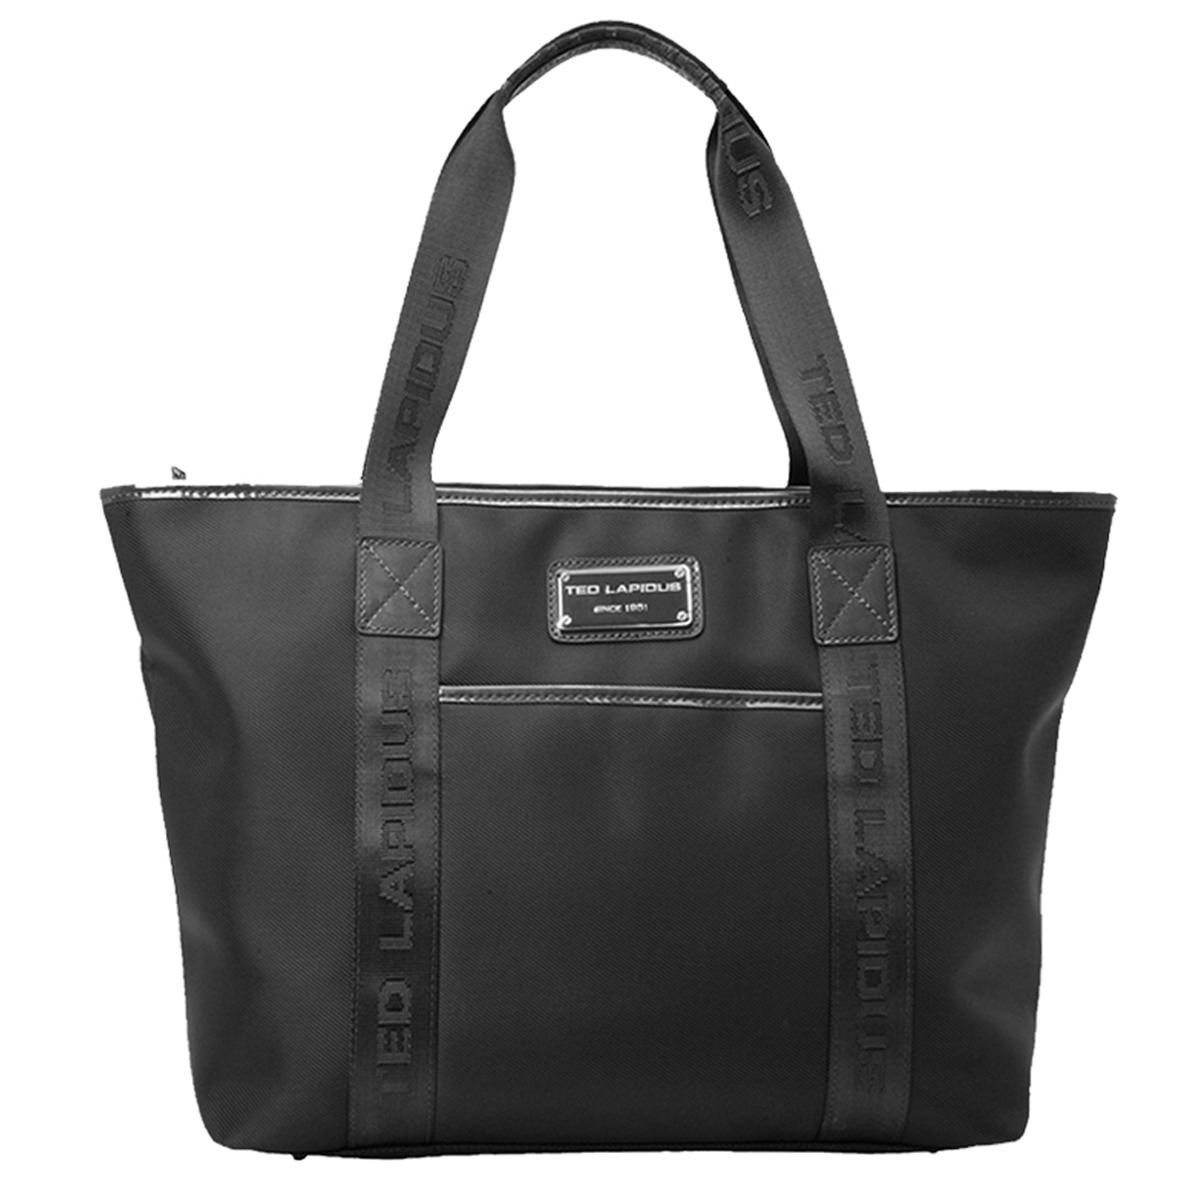 Sac shopping \'Ted lapidus\' noir - 47x28x16 cm - [G8562]